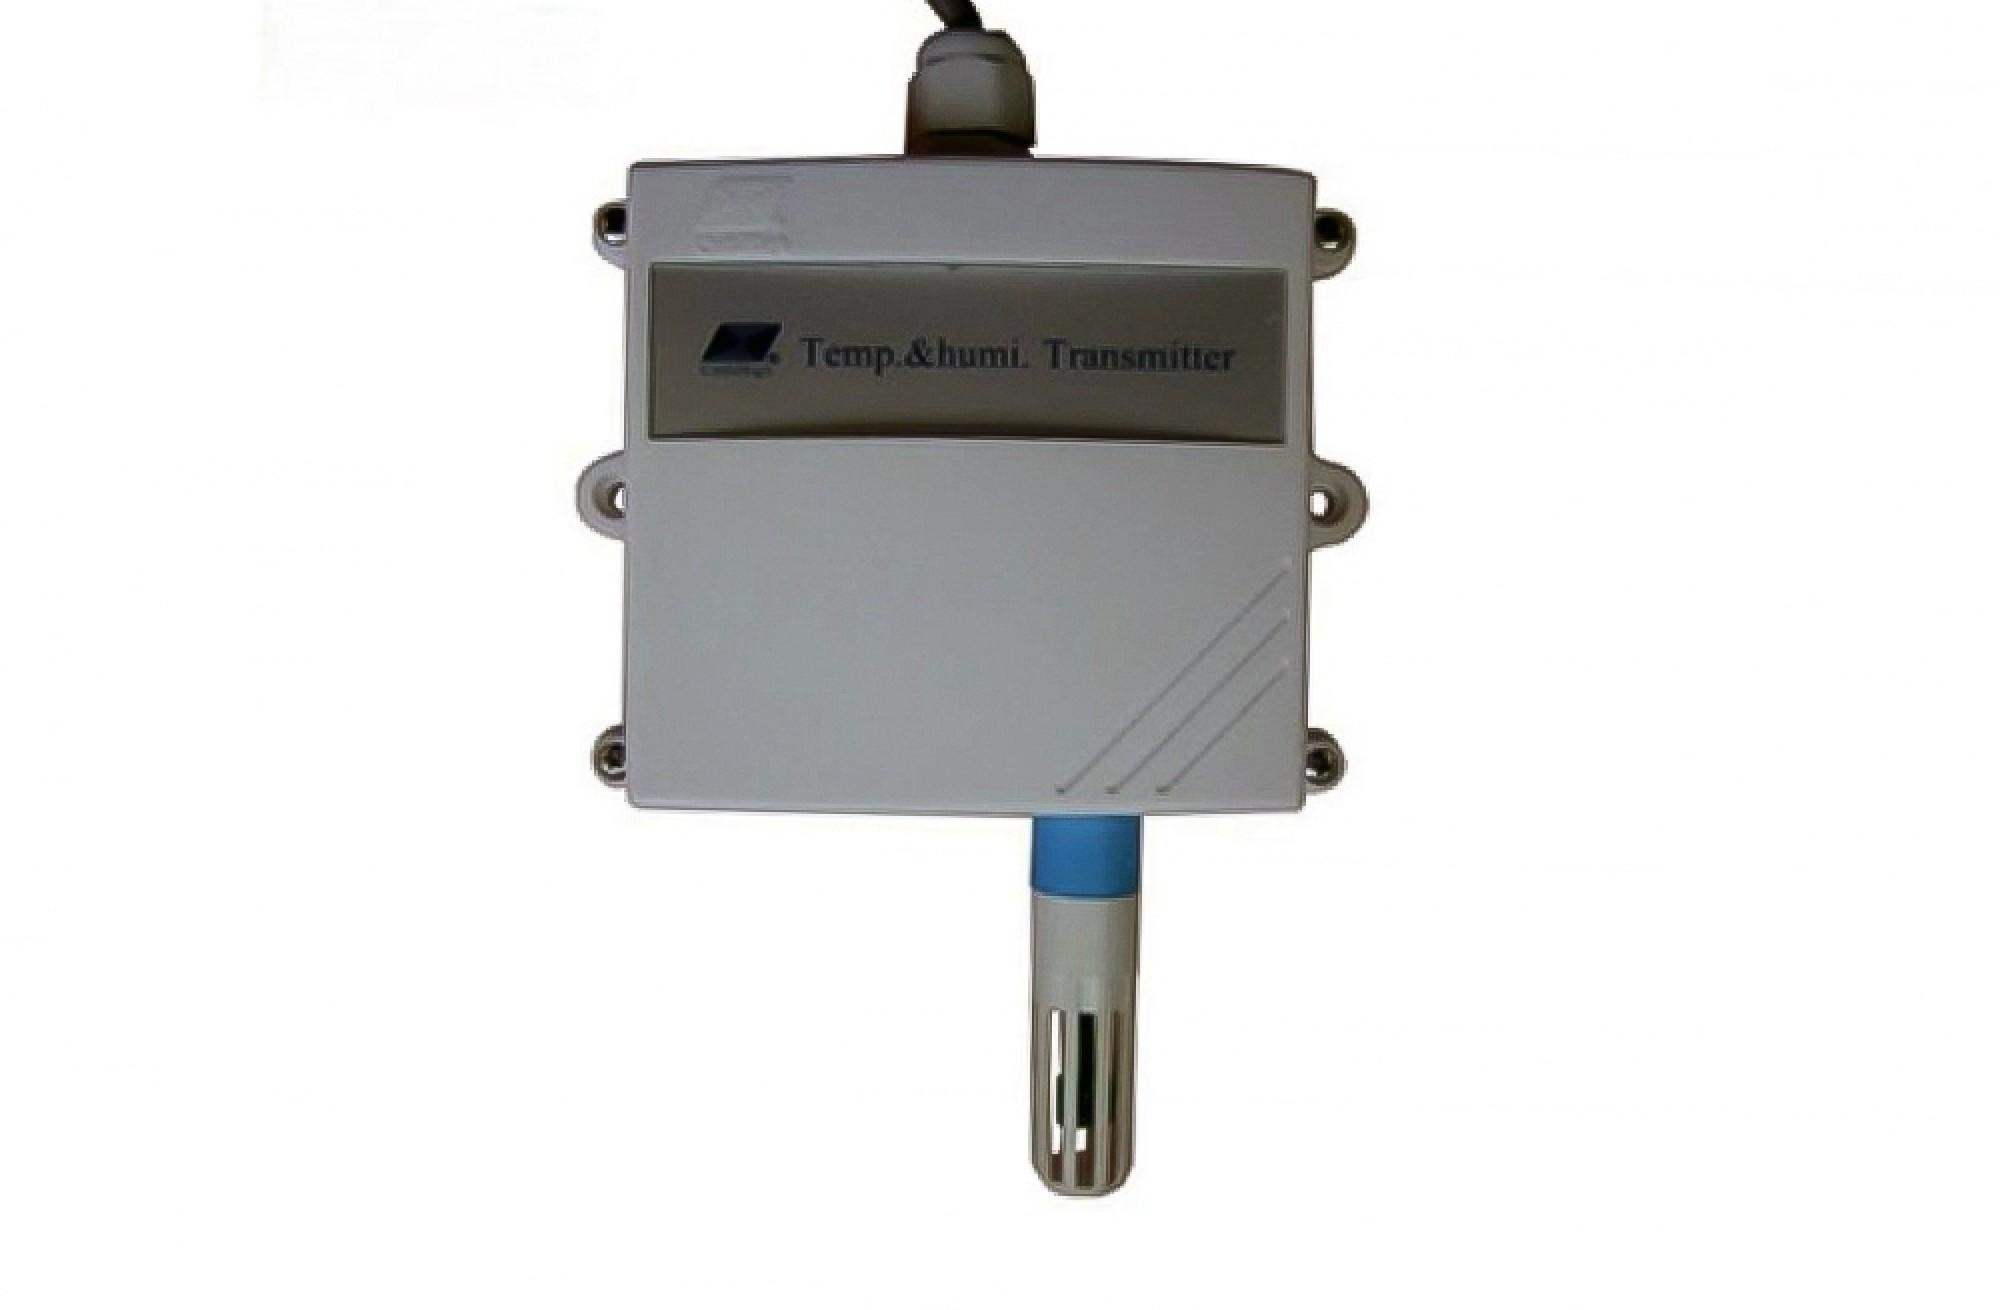 LISTEN LS-F101 Temp&Humi Transmitter Modem